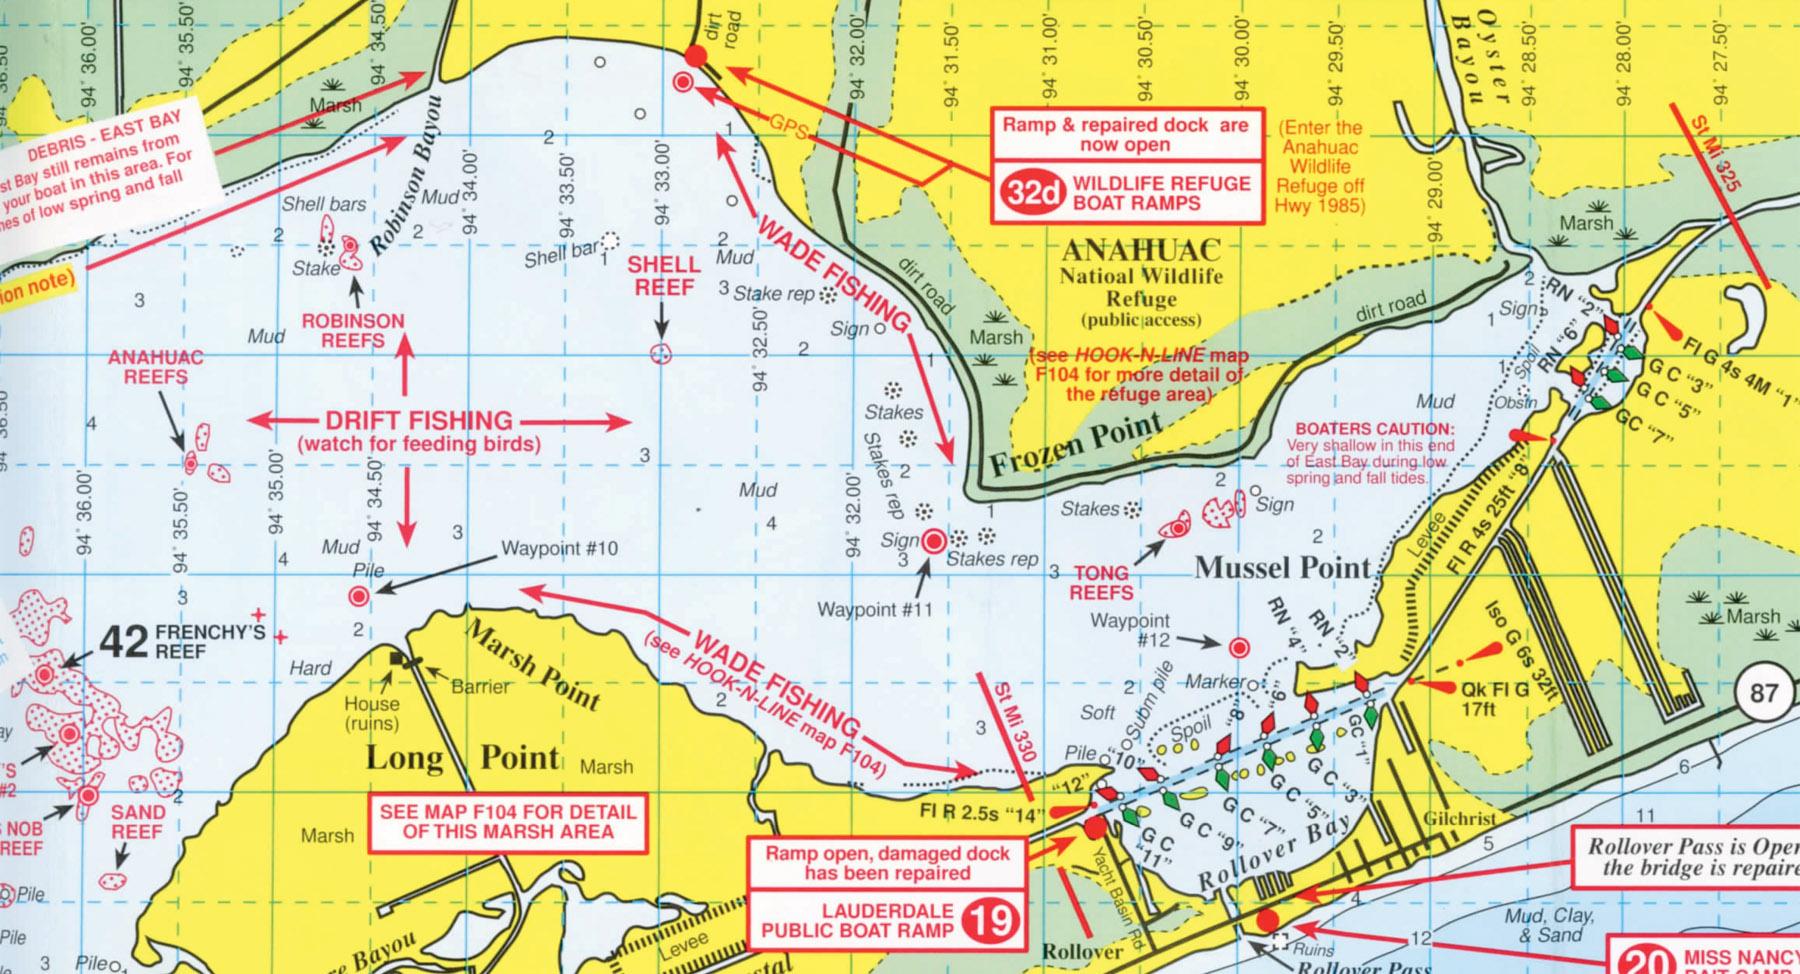 Anahuac National Wildlife Refuge - Texas Wildlife Refuge Map